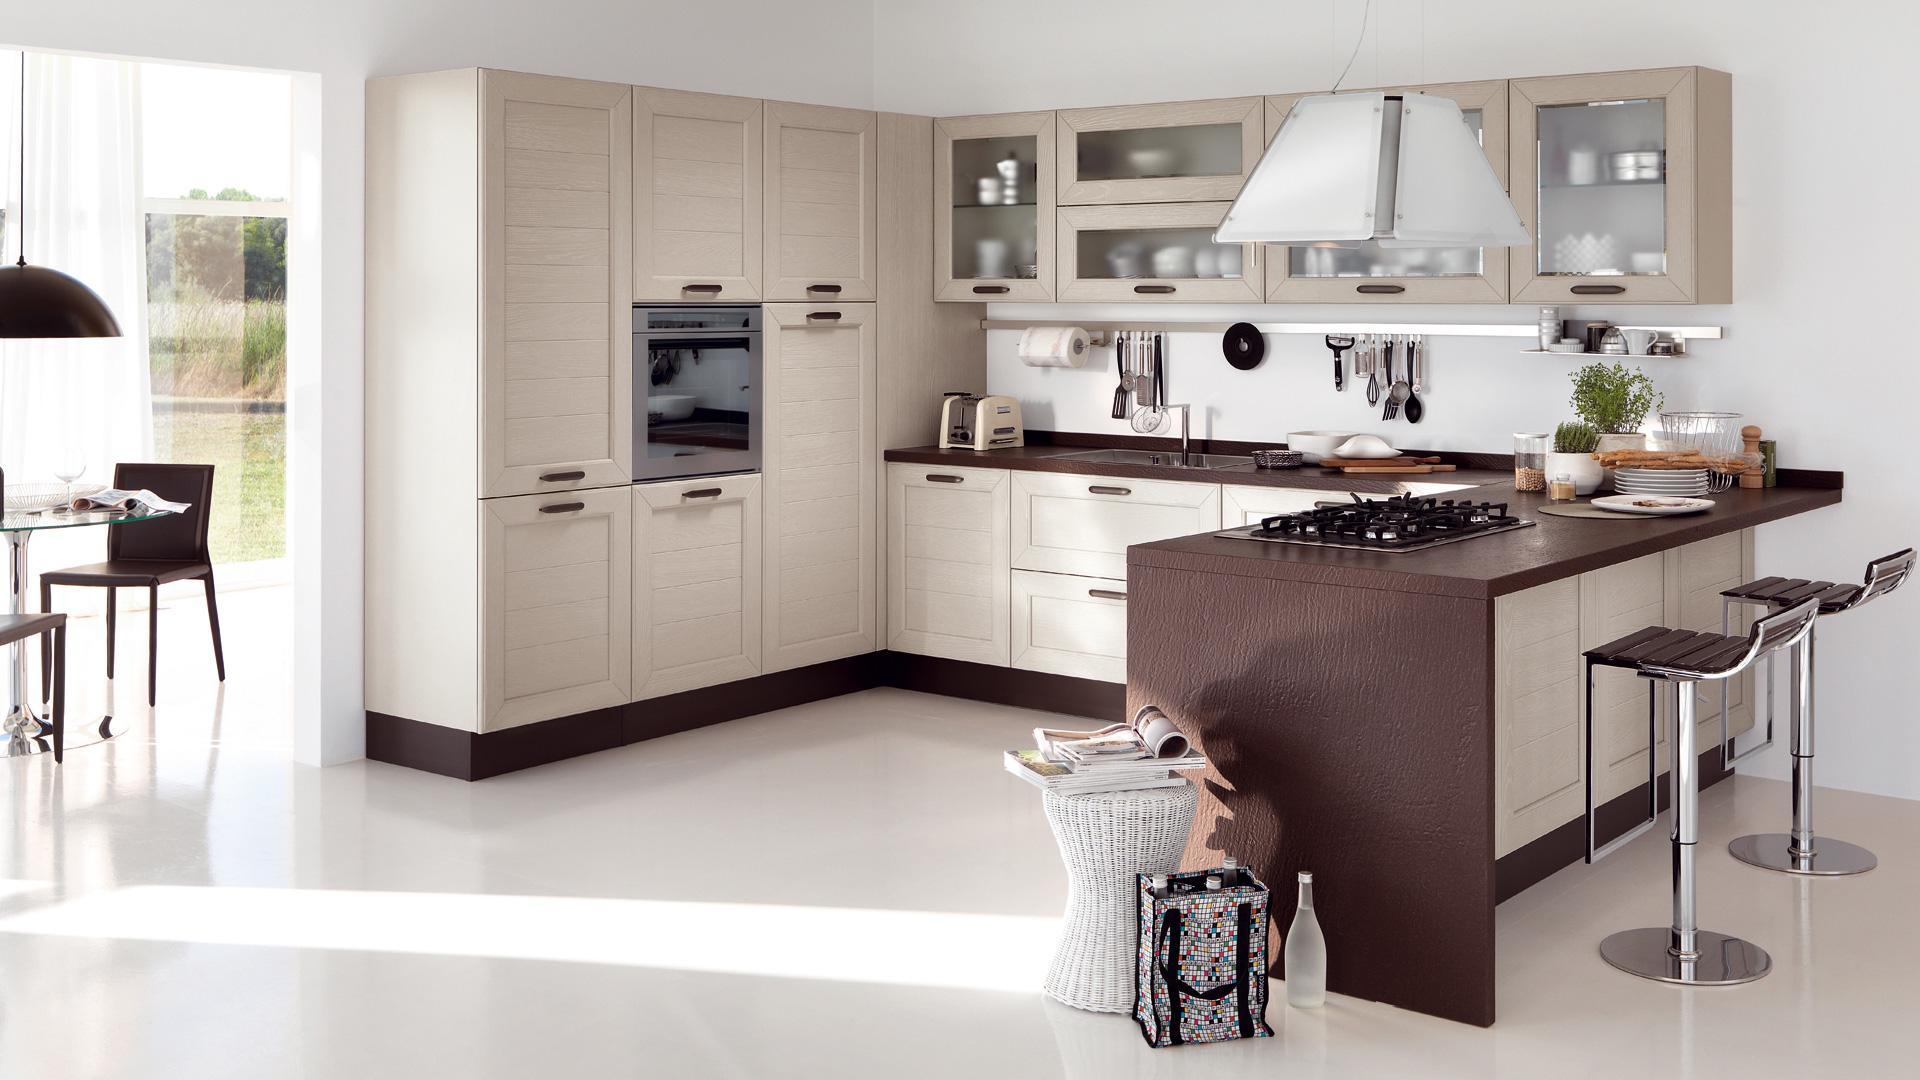 La commistione fra classico e moderno in cucina - Cucine Lube